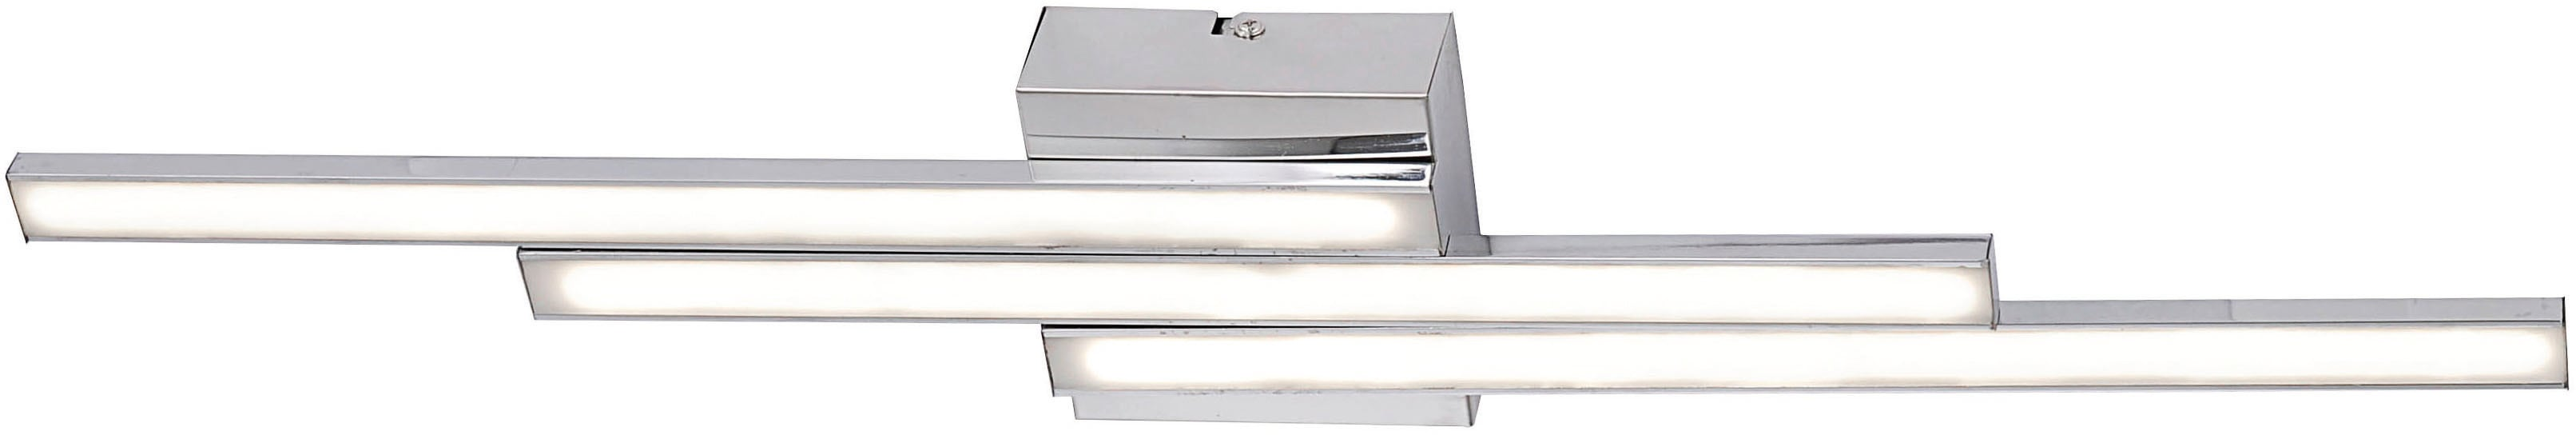 FISCHER & HONSEL LED Deckenleuchte Mikado, LED-Modul, Warmweiß